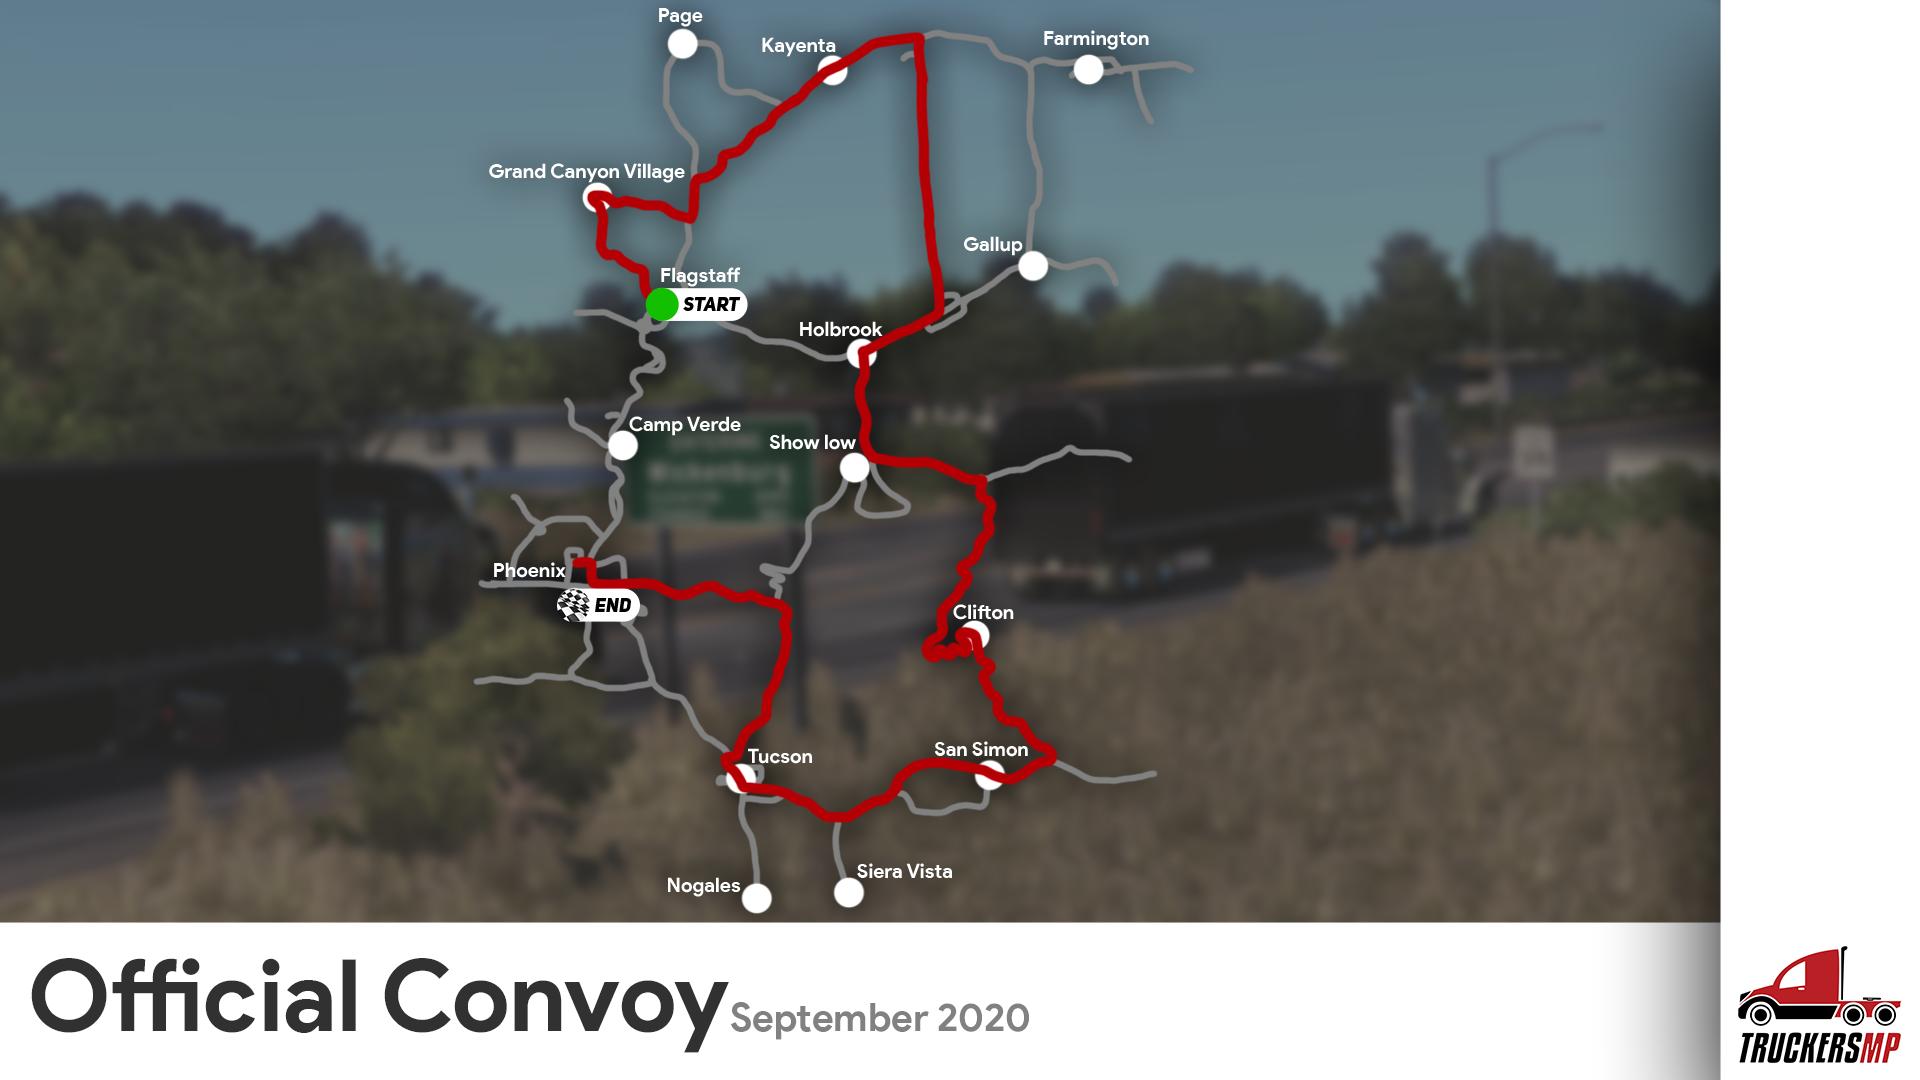 官方车队-2020年9月19日星期六